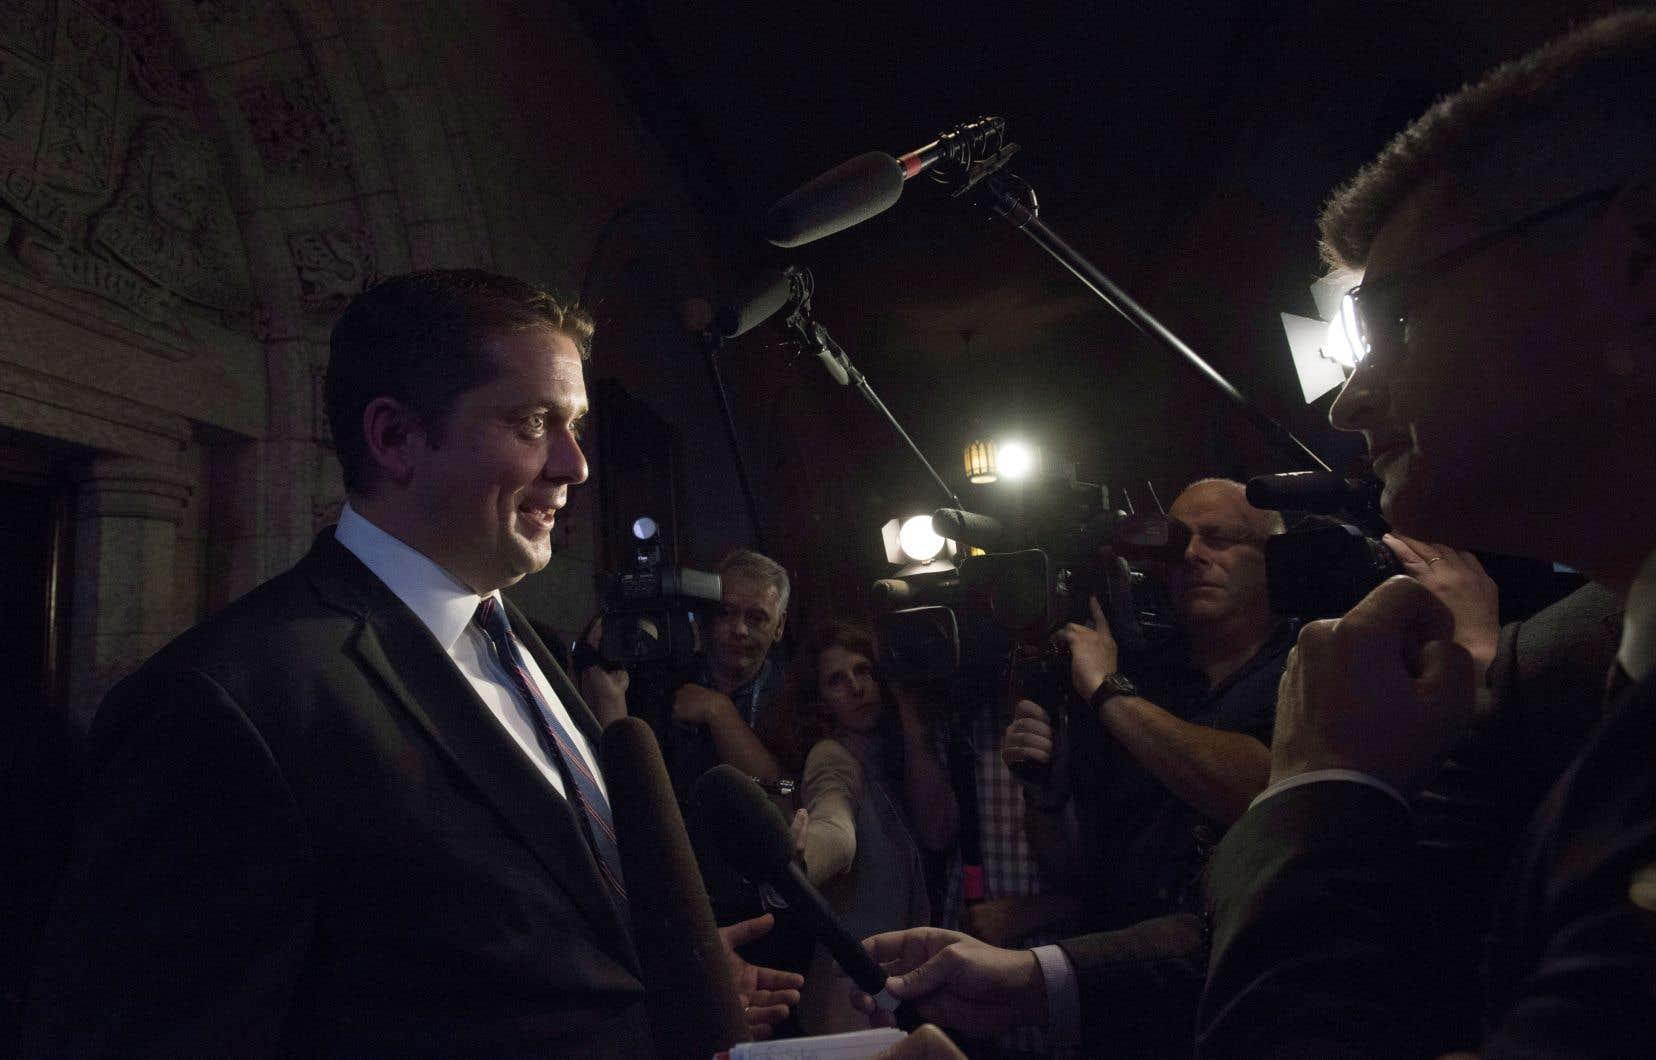 Le chef conservateur Andrew Scheer refuse d'expliquer pourquoi il a expulsé son ancien rival Maxime Bernier de son cabinet fantôme.